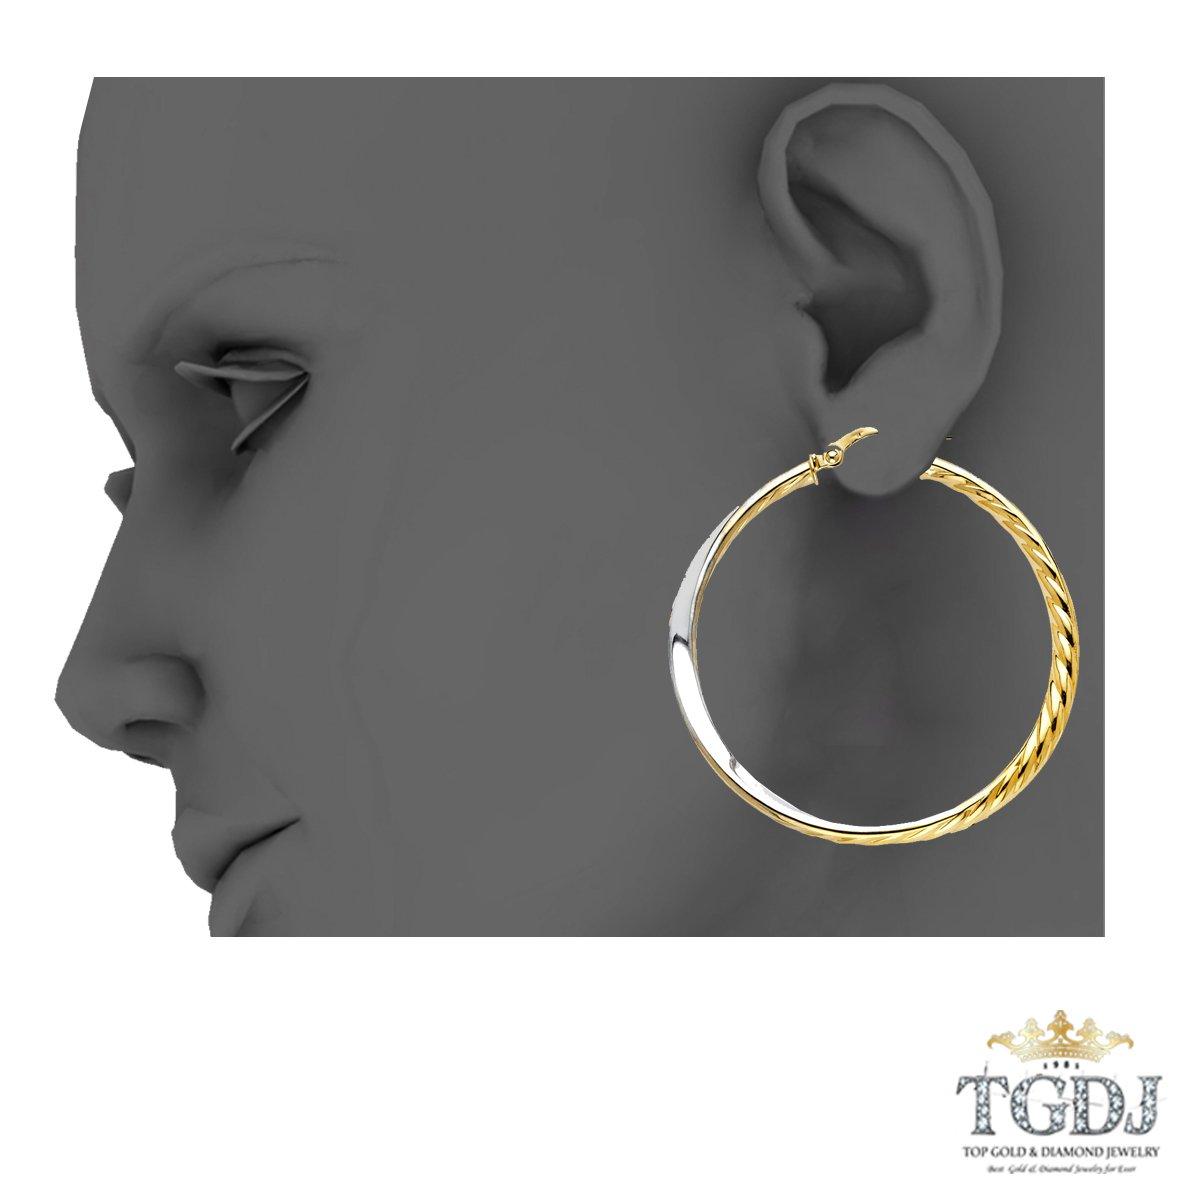 Diameter 38 MM 14K Yellow White Twisted Hoop Earrings